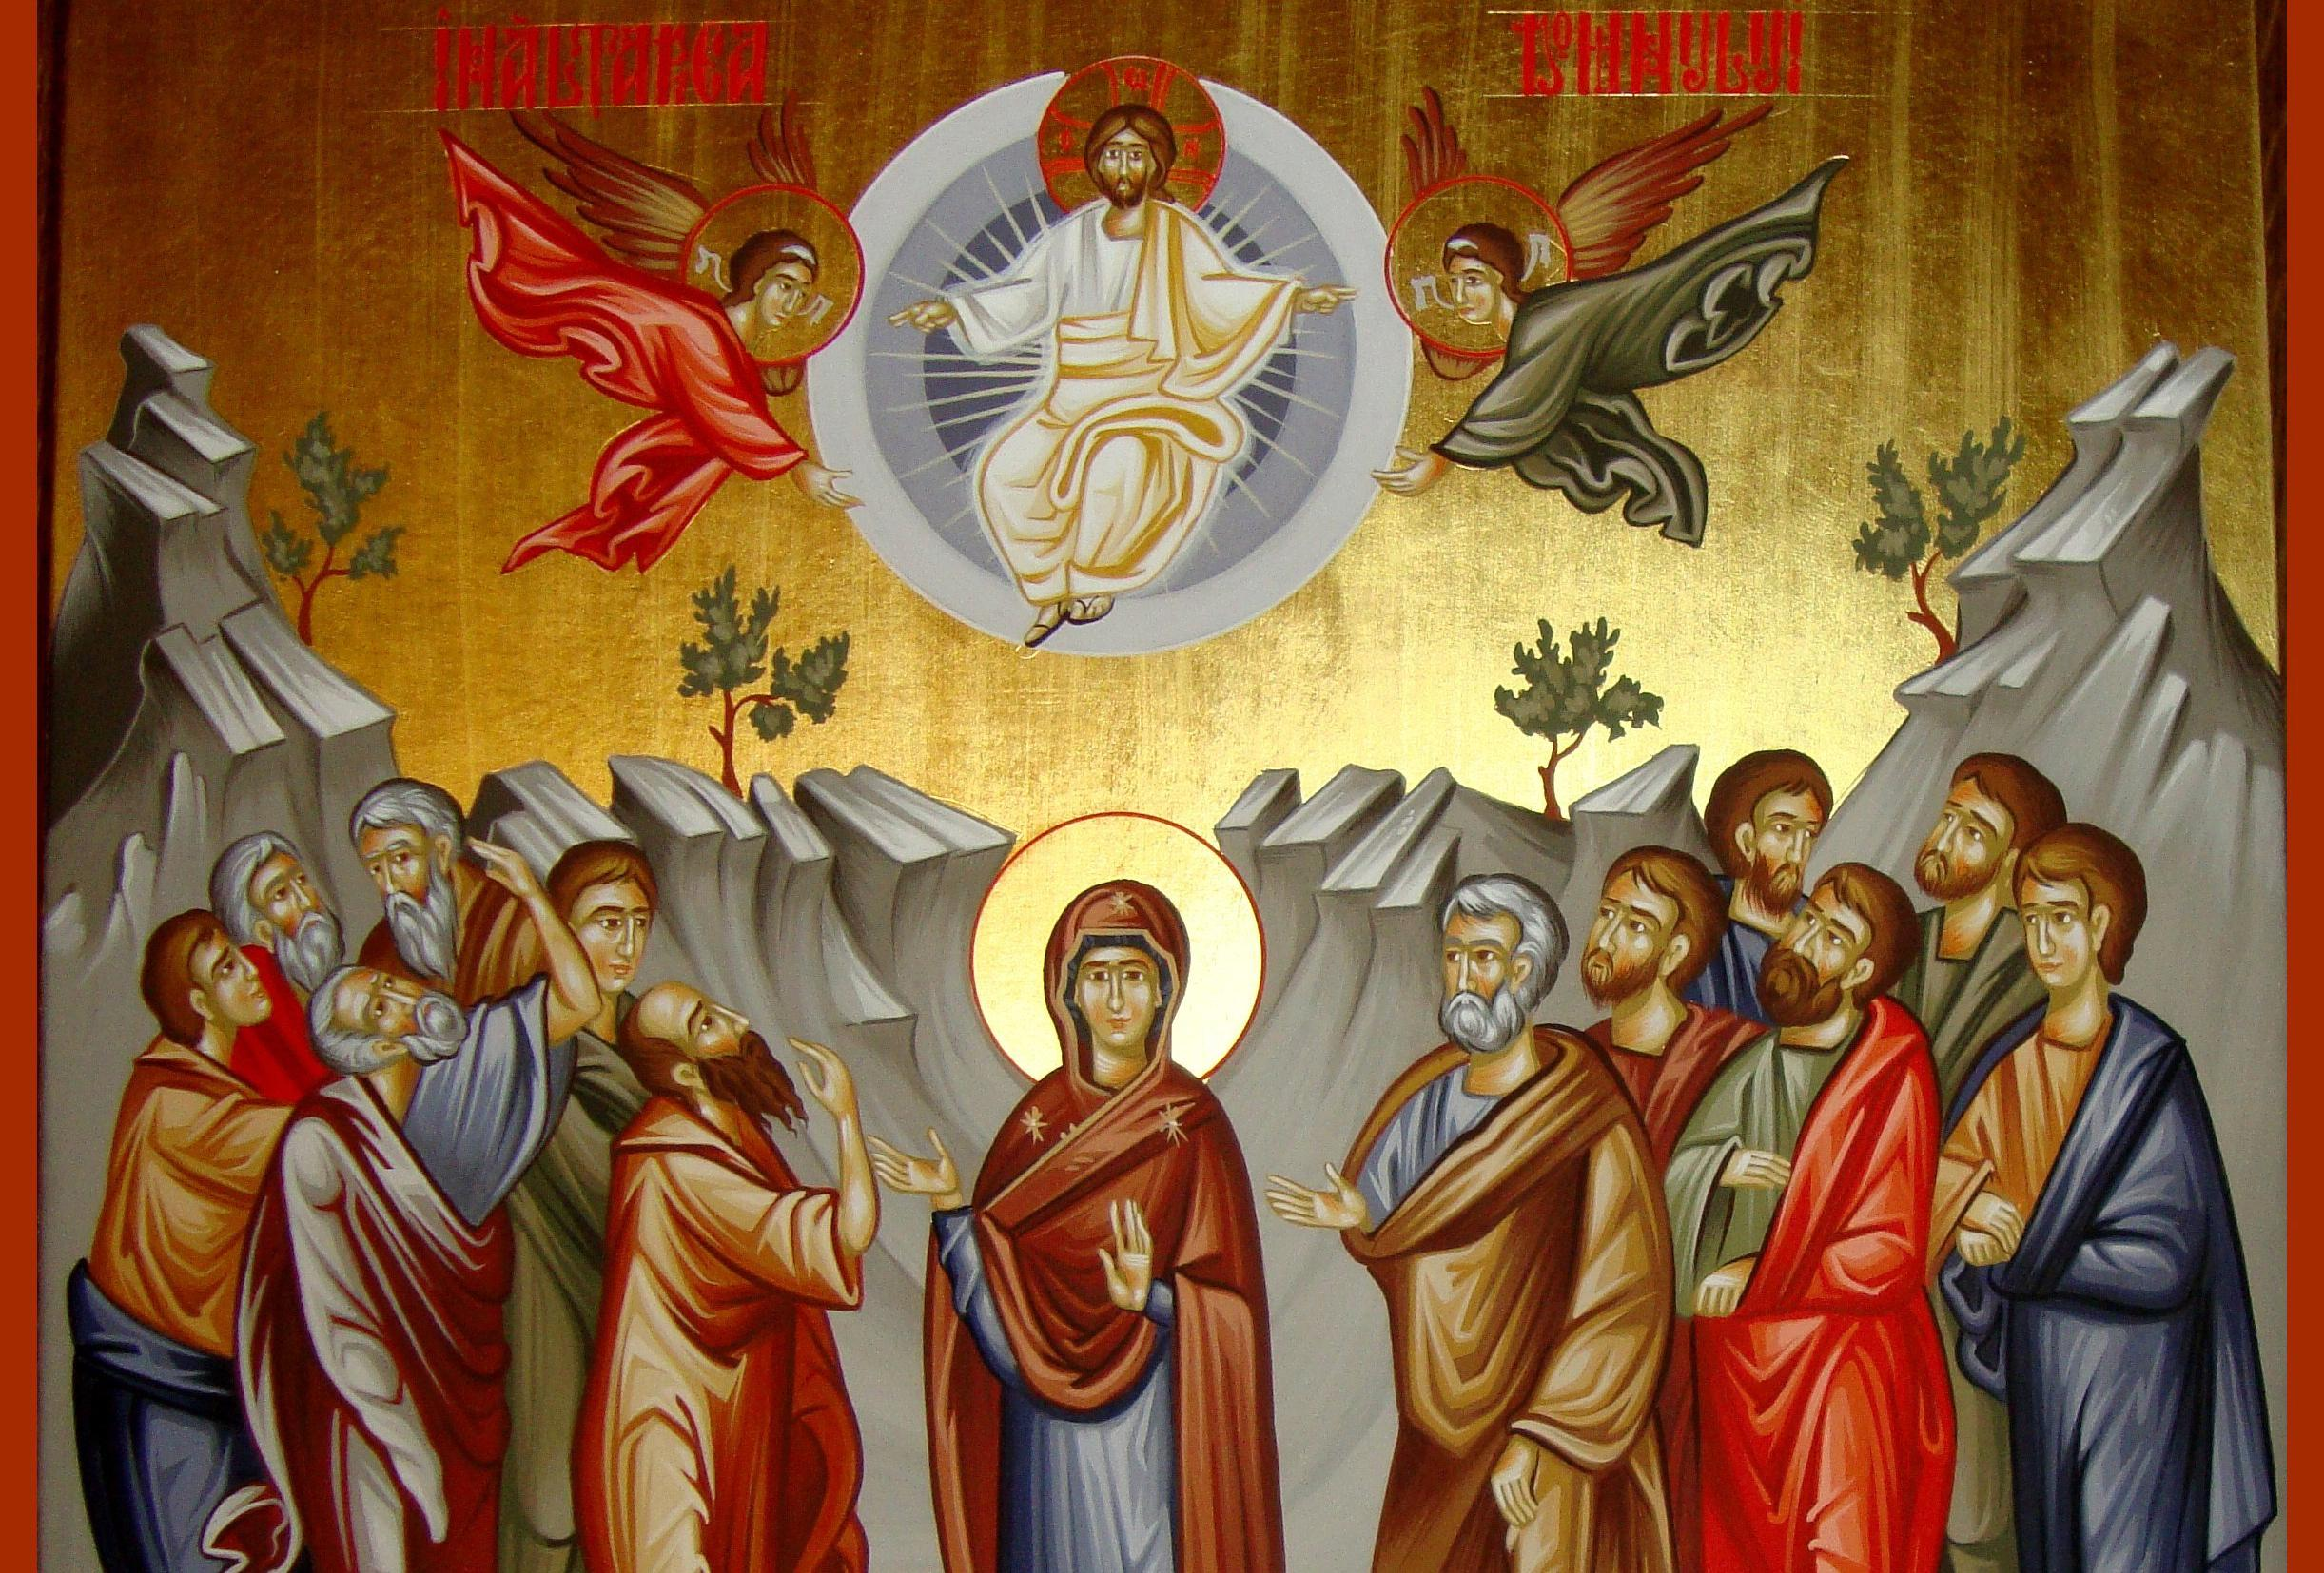 Inaltarea Domnului  Potrivit Credintei Ortodoxe La  De Zile De La Invierea Lui Iisus Hristos Romanii Sarbatoresc Inaltarea Domnului